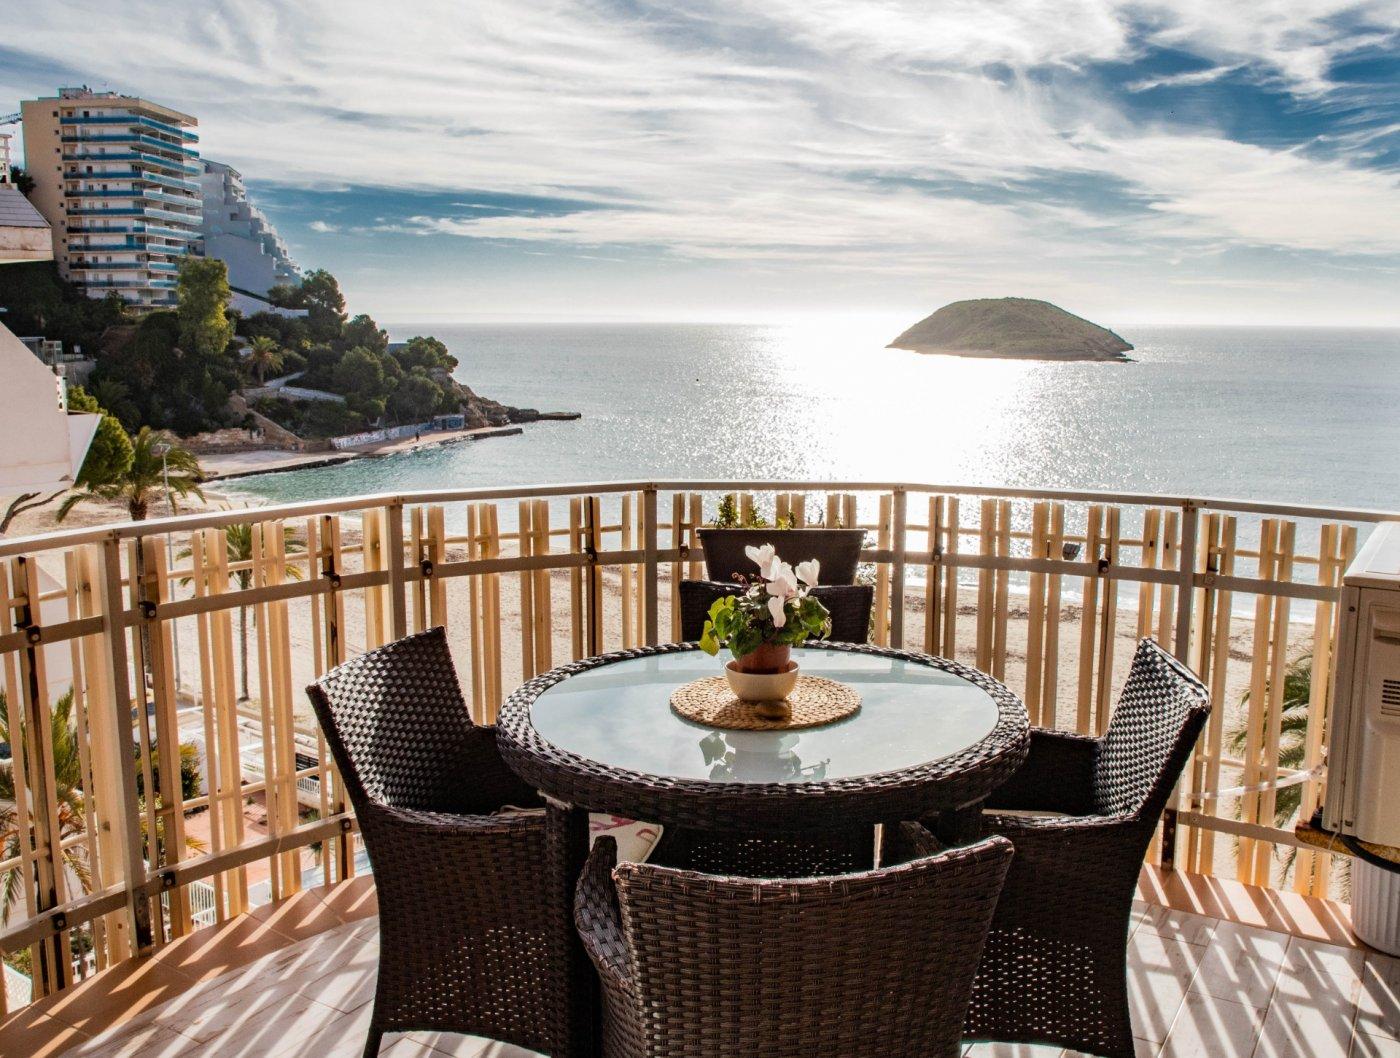 Alquiler con opcion de compra!espectacular apartamento con vistas al mar y parking propio - imagenInmueble0